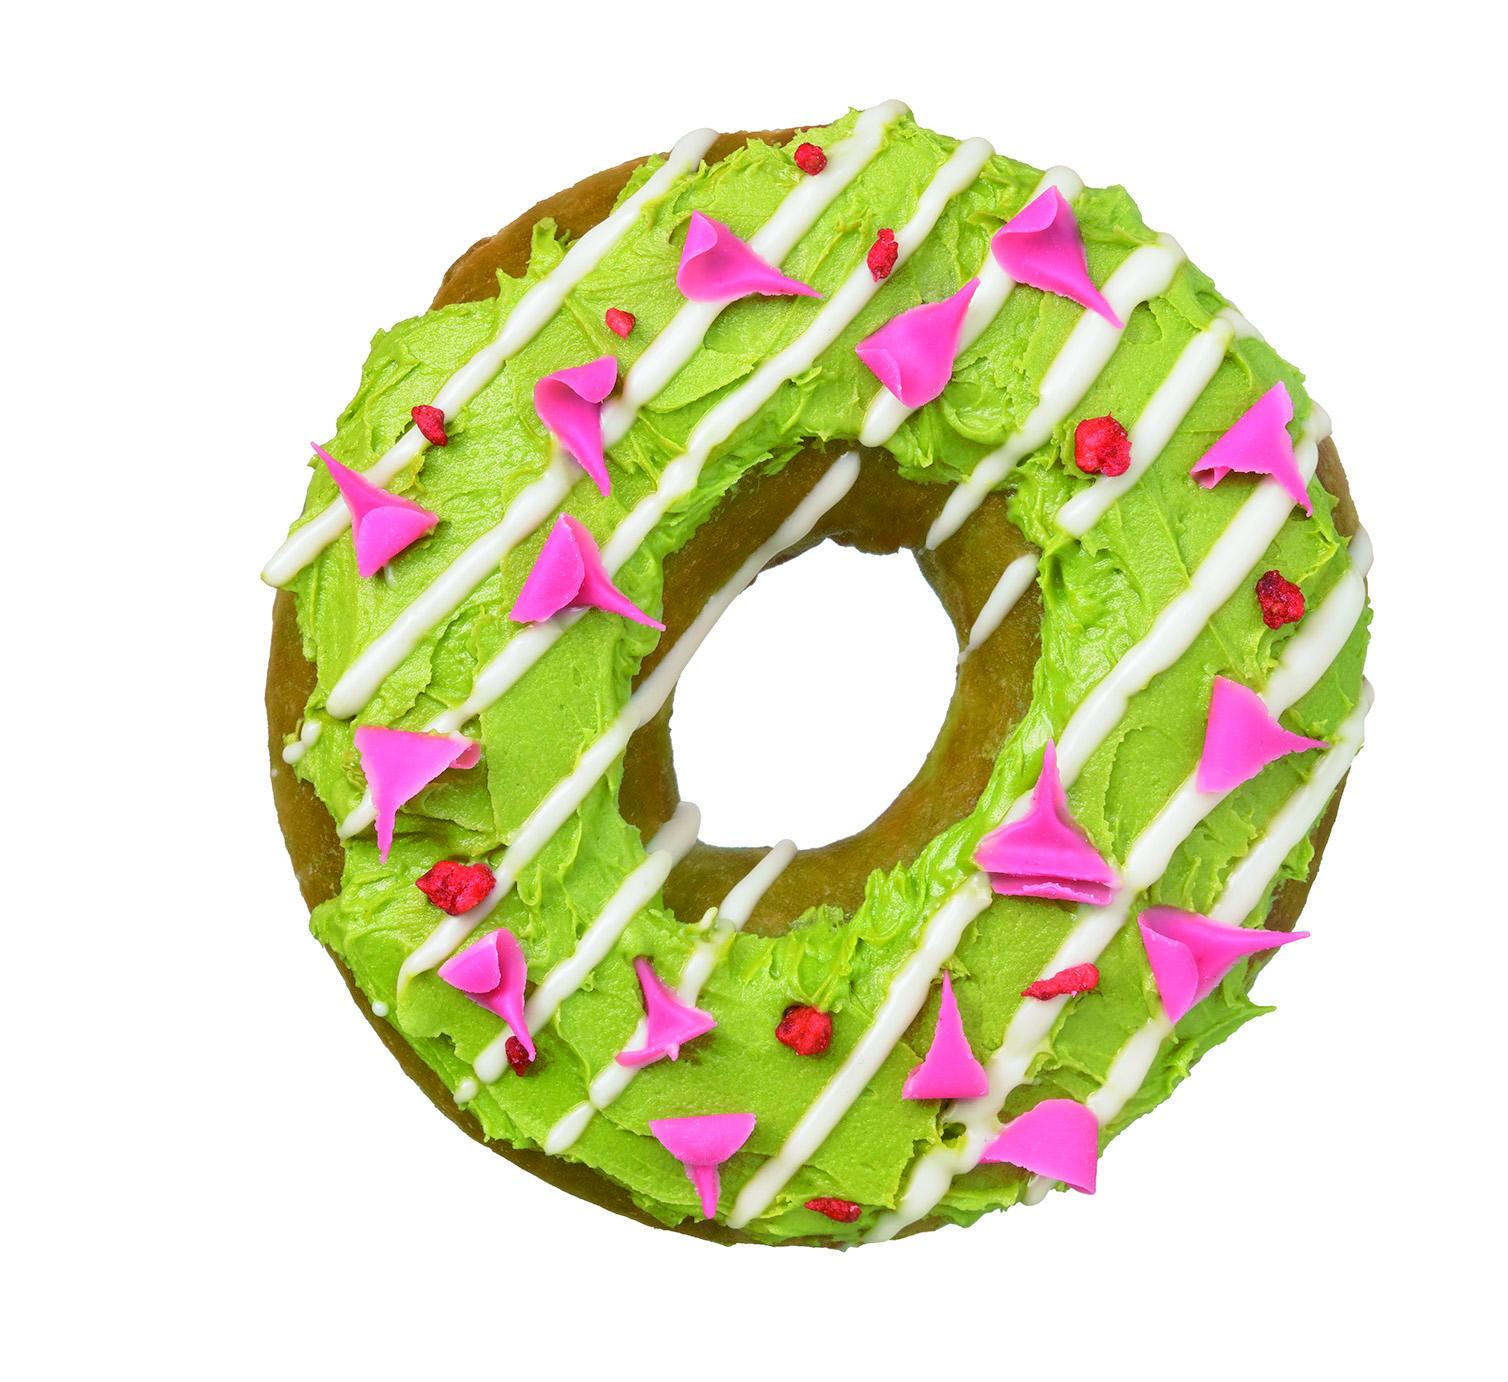 『クリスピー・クリーム・ドーナツ』の新作は、お茶×フルーツ&ナッツが新鮮な「和茶ドーナツ」♡ _3